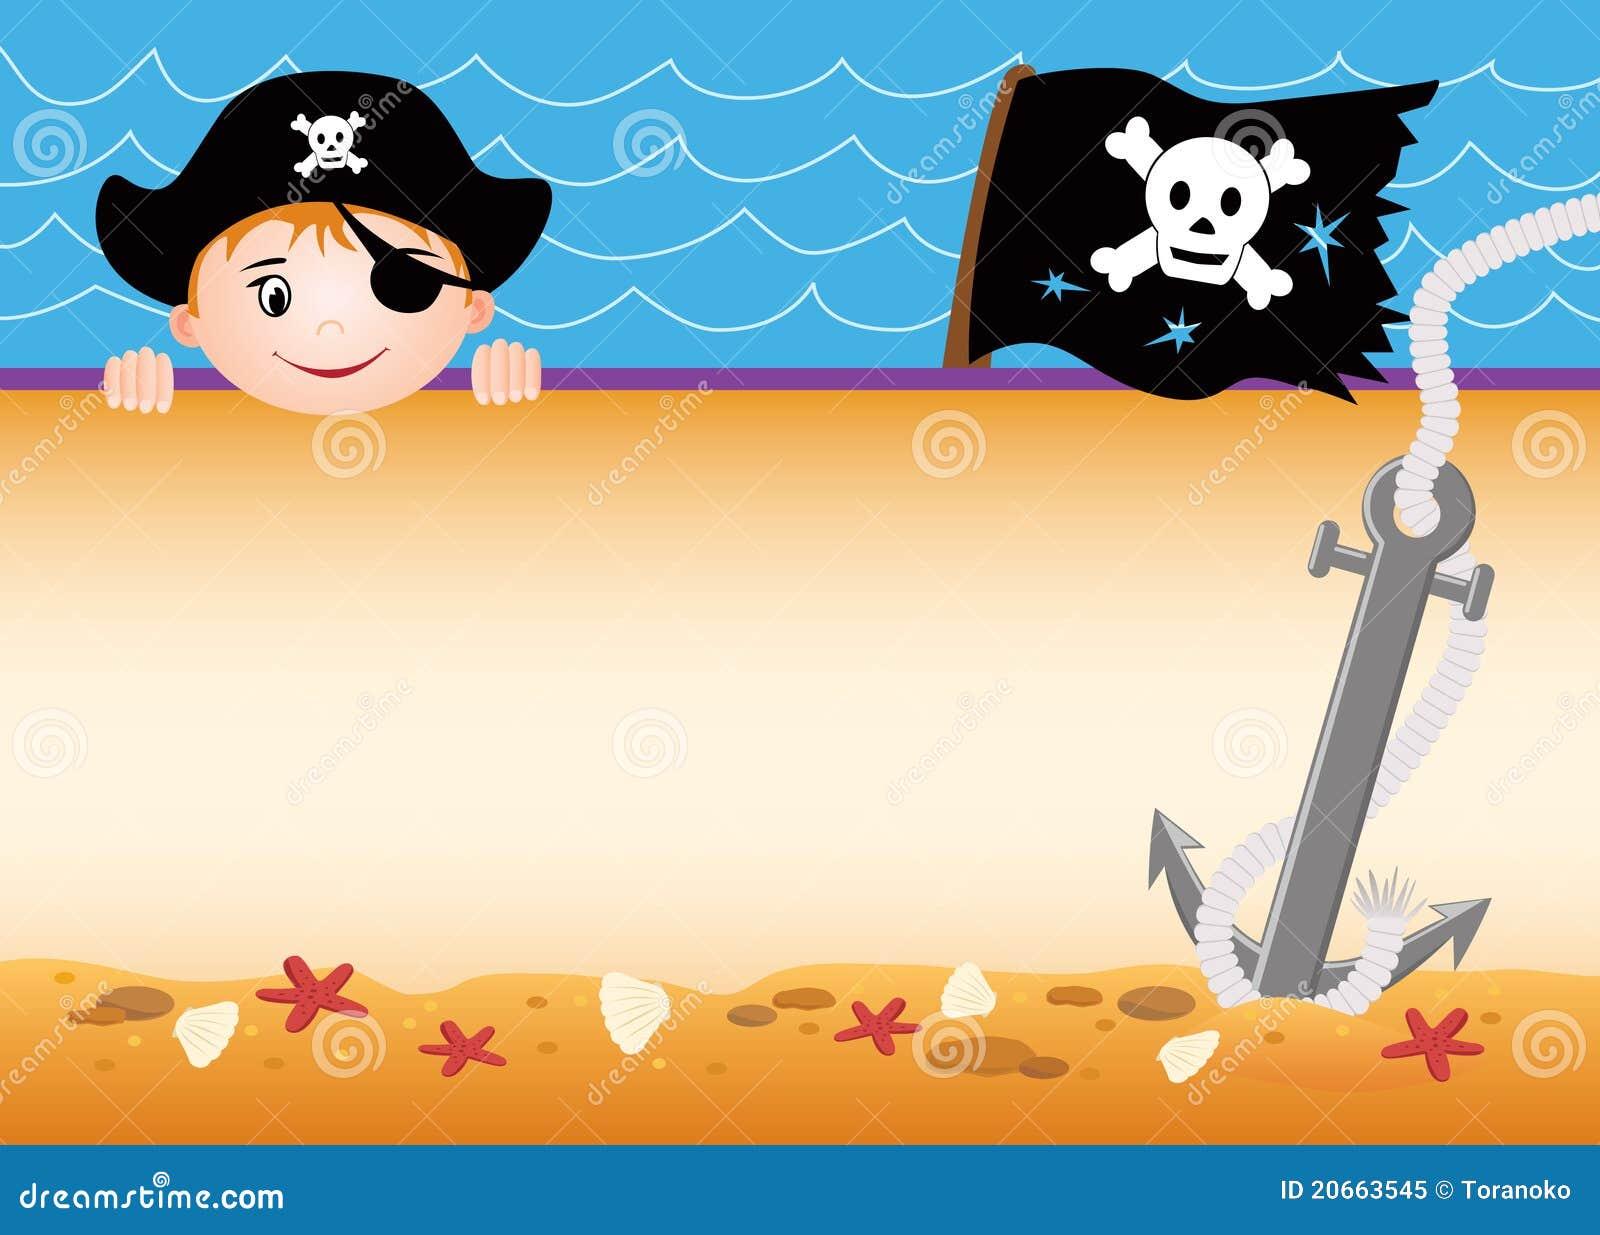 Cute Pirate Background